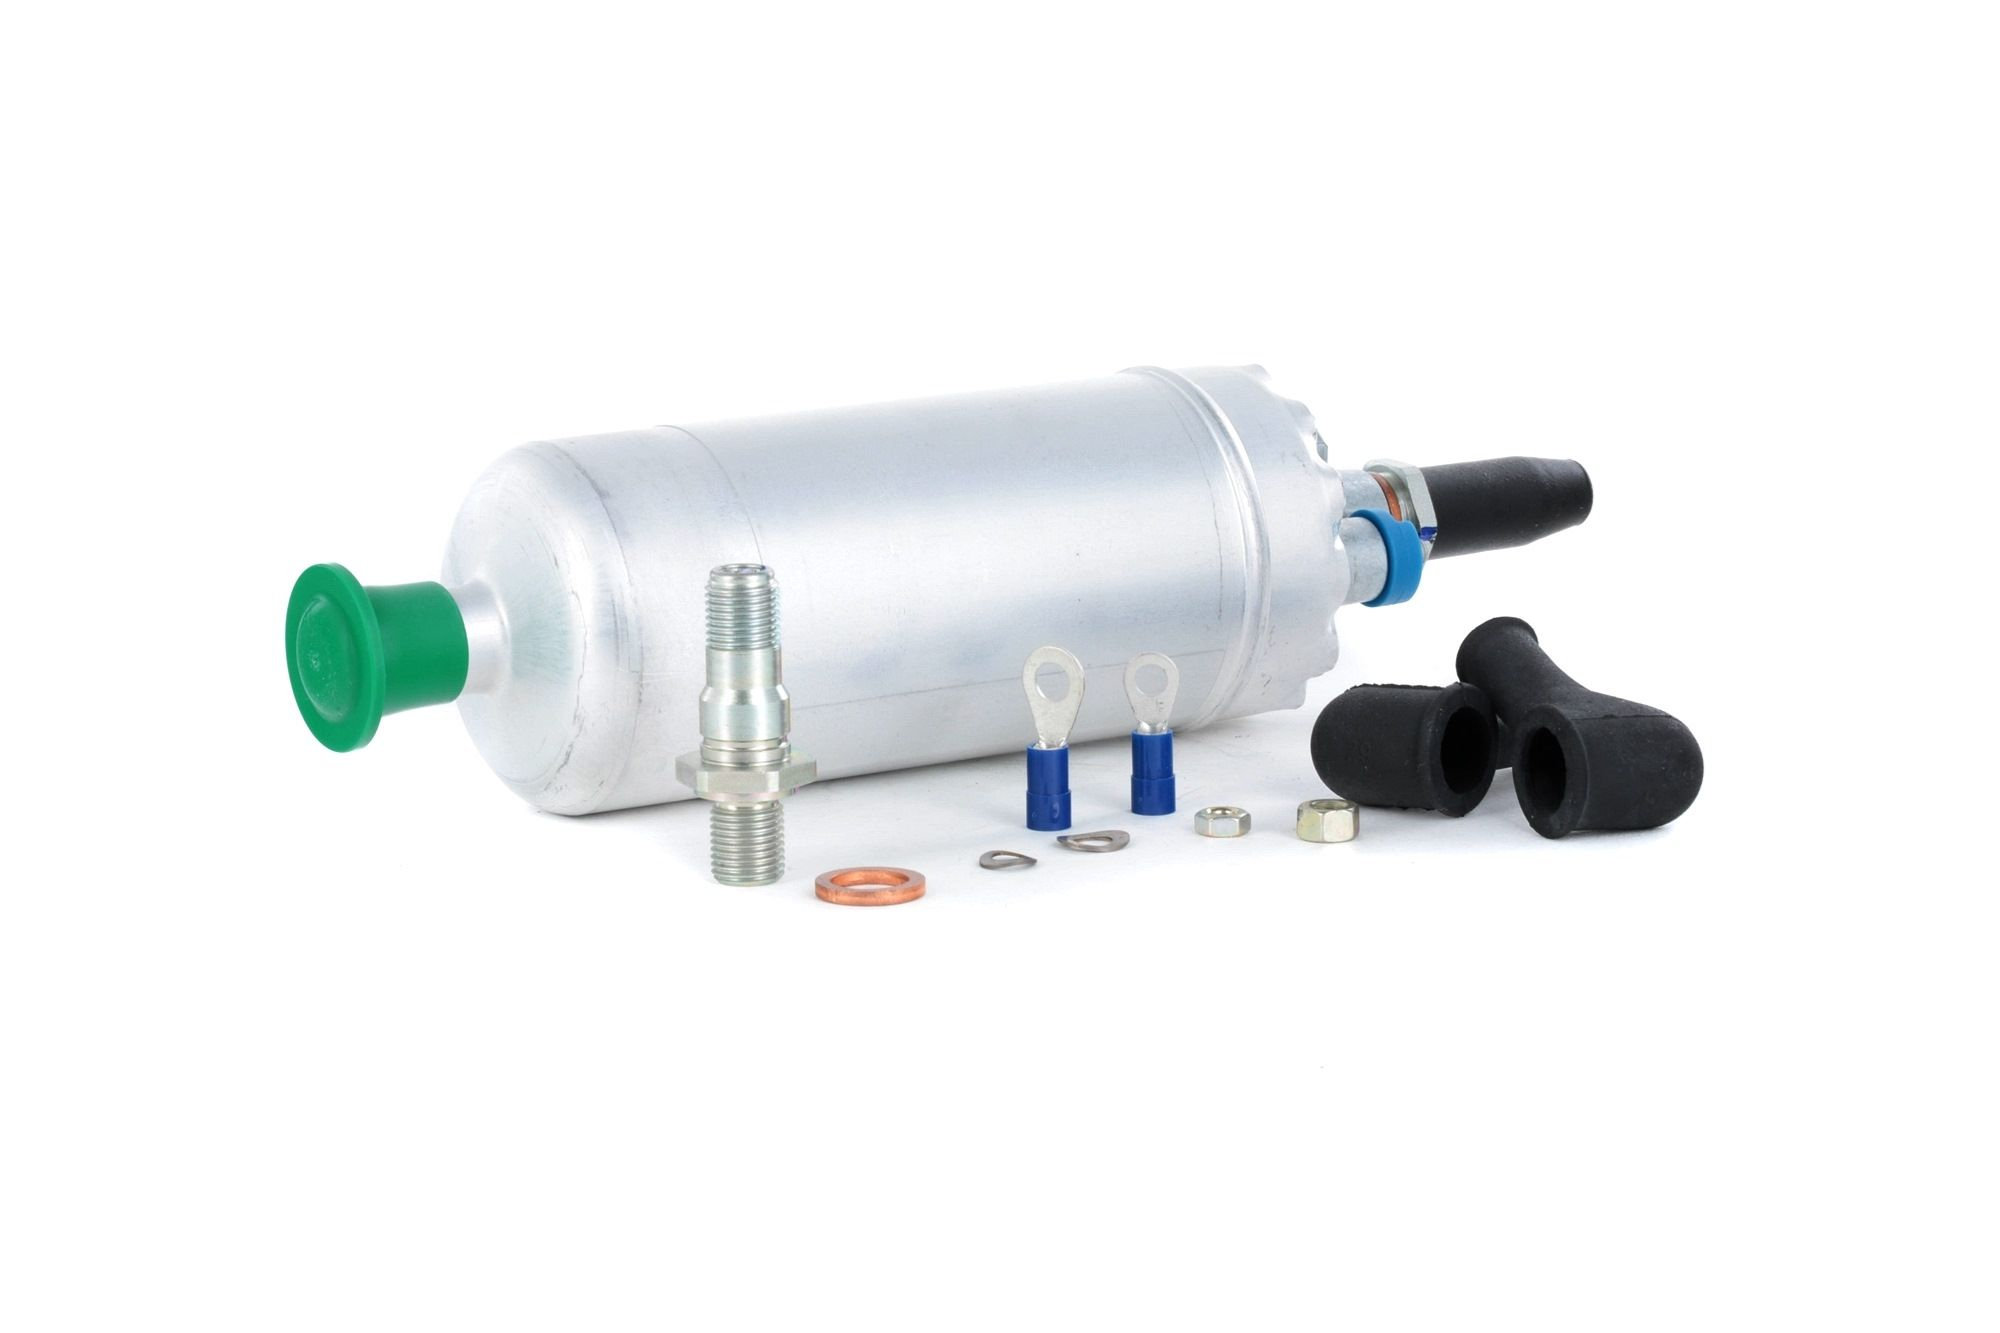 Buy original Fuel supply system BOSCH 0 580 254 911